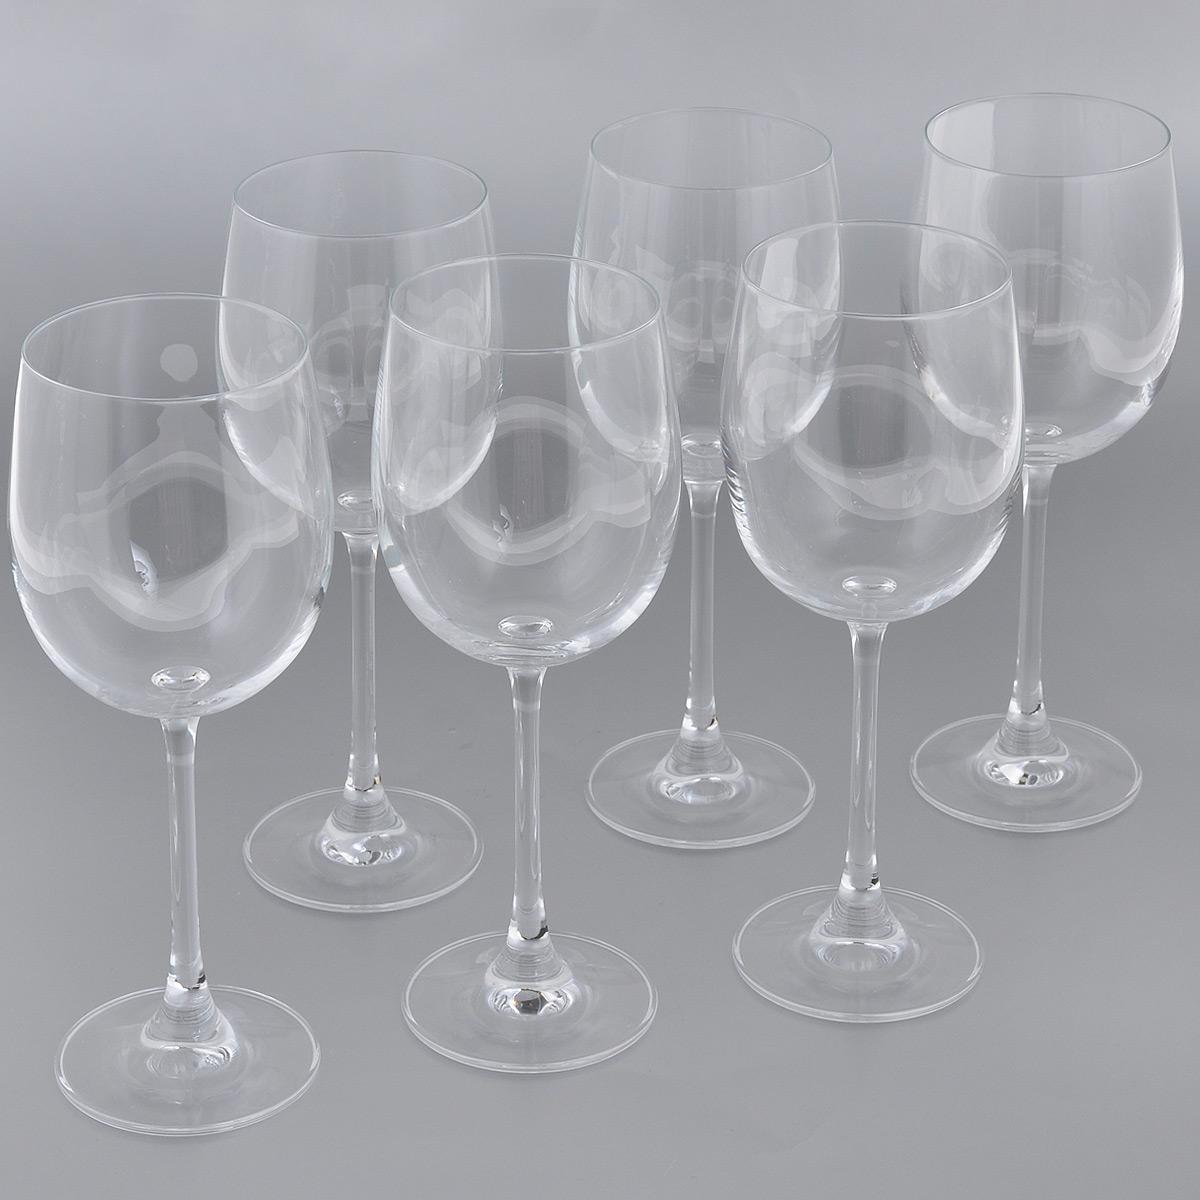 Набор бокалов для белого вина Esprado Fiesta, 360 мл, 6 штFS50C36E351Набор Esprado Fiesta состоит из шести бокалов для белого вина. Бокалы изготовлены из хрустального стекла или хрусталина, которое является более экологичной альтернативой знаменитому хрусталю, содержащему опасный для здоровья свинец. Хрустальное стекло имеет яркий блеск хрусталя, отличается высокой прозрачностью и тонкостью и при этом оно абсолютно безопасно и не содержит никаких вредных для человека веществ. Бокалы отличаются особой легкостью и прочностью, излучают приятный блеск и издают мелодичный хрустальный звон. Края бокалов имеют закаленный обод. Тонкие высокие ножки бокалов, создающие ощущение хрупкости и изящества, большой литраж и европейский дизайн позволят сполна насладиться игрой напитка в бокале, его густотой, цветом и ароматом. Бокалы можно мыть в посудомоечной машине в щадящем режиме. Fiesta в переводе c испанского означает веселье, праздник. Раньше в средневековой Европе в фиесте, народном гулянии, участвовали все жители общины или городского...